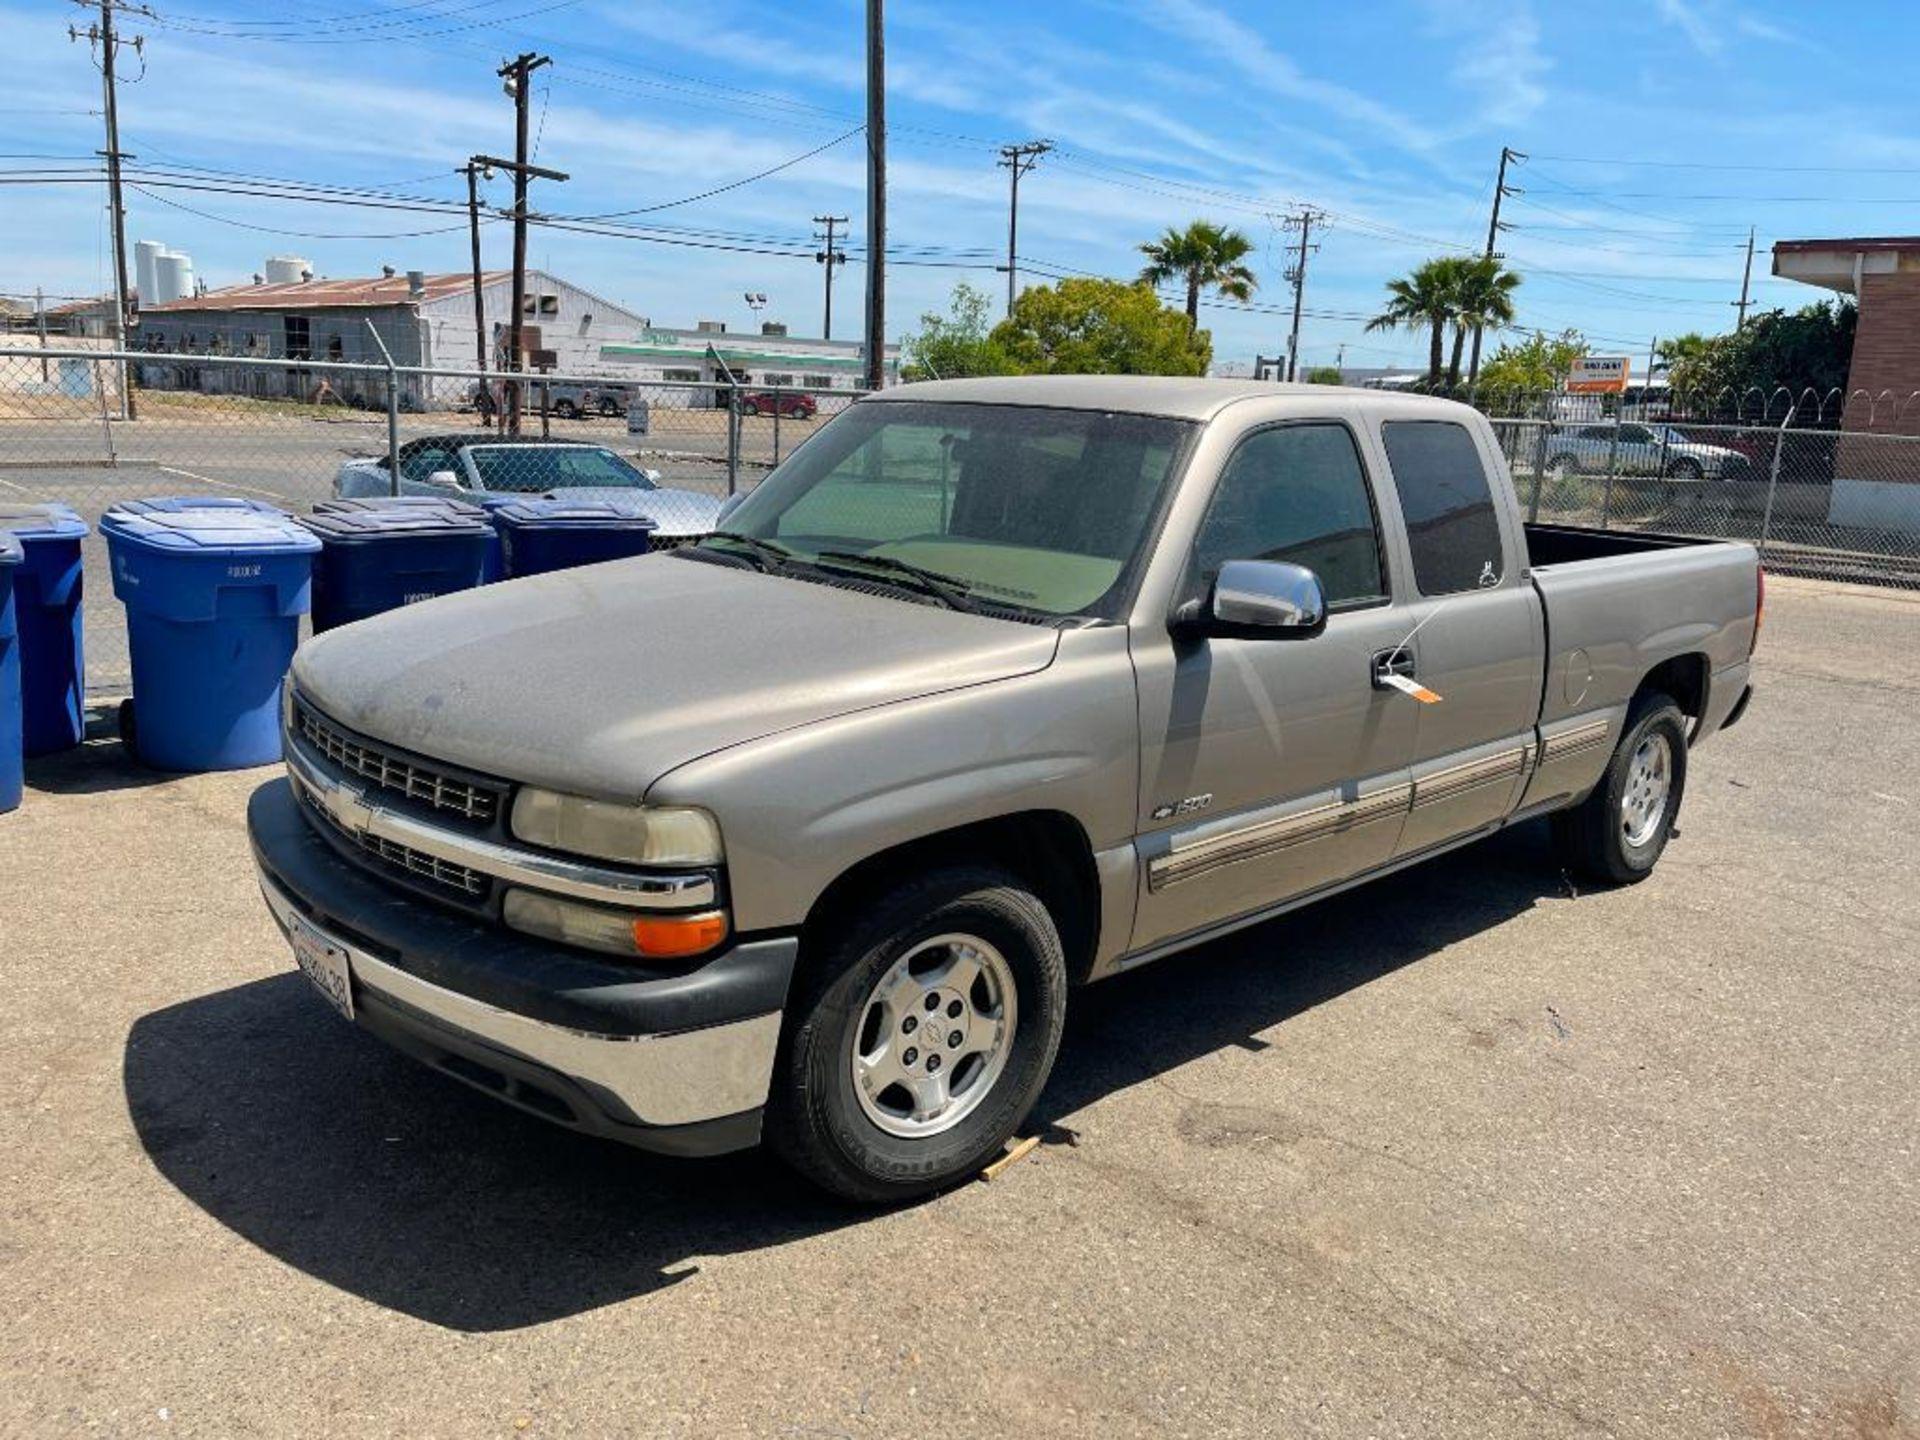 2000 Chevrolet Silverado 1500 LS - Image 17 of 27